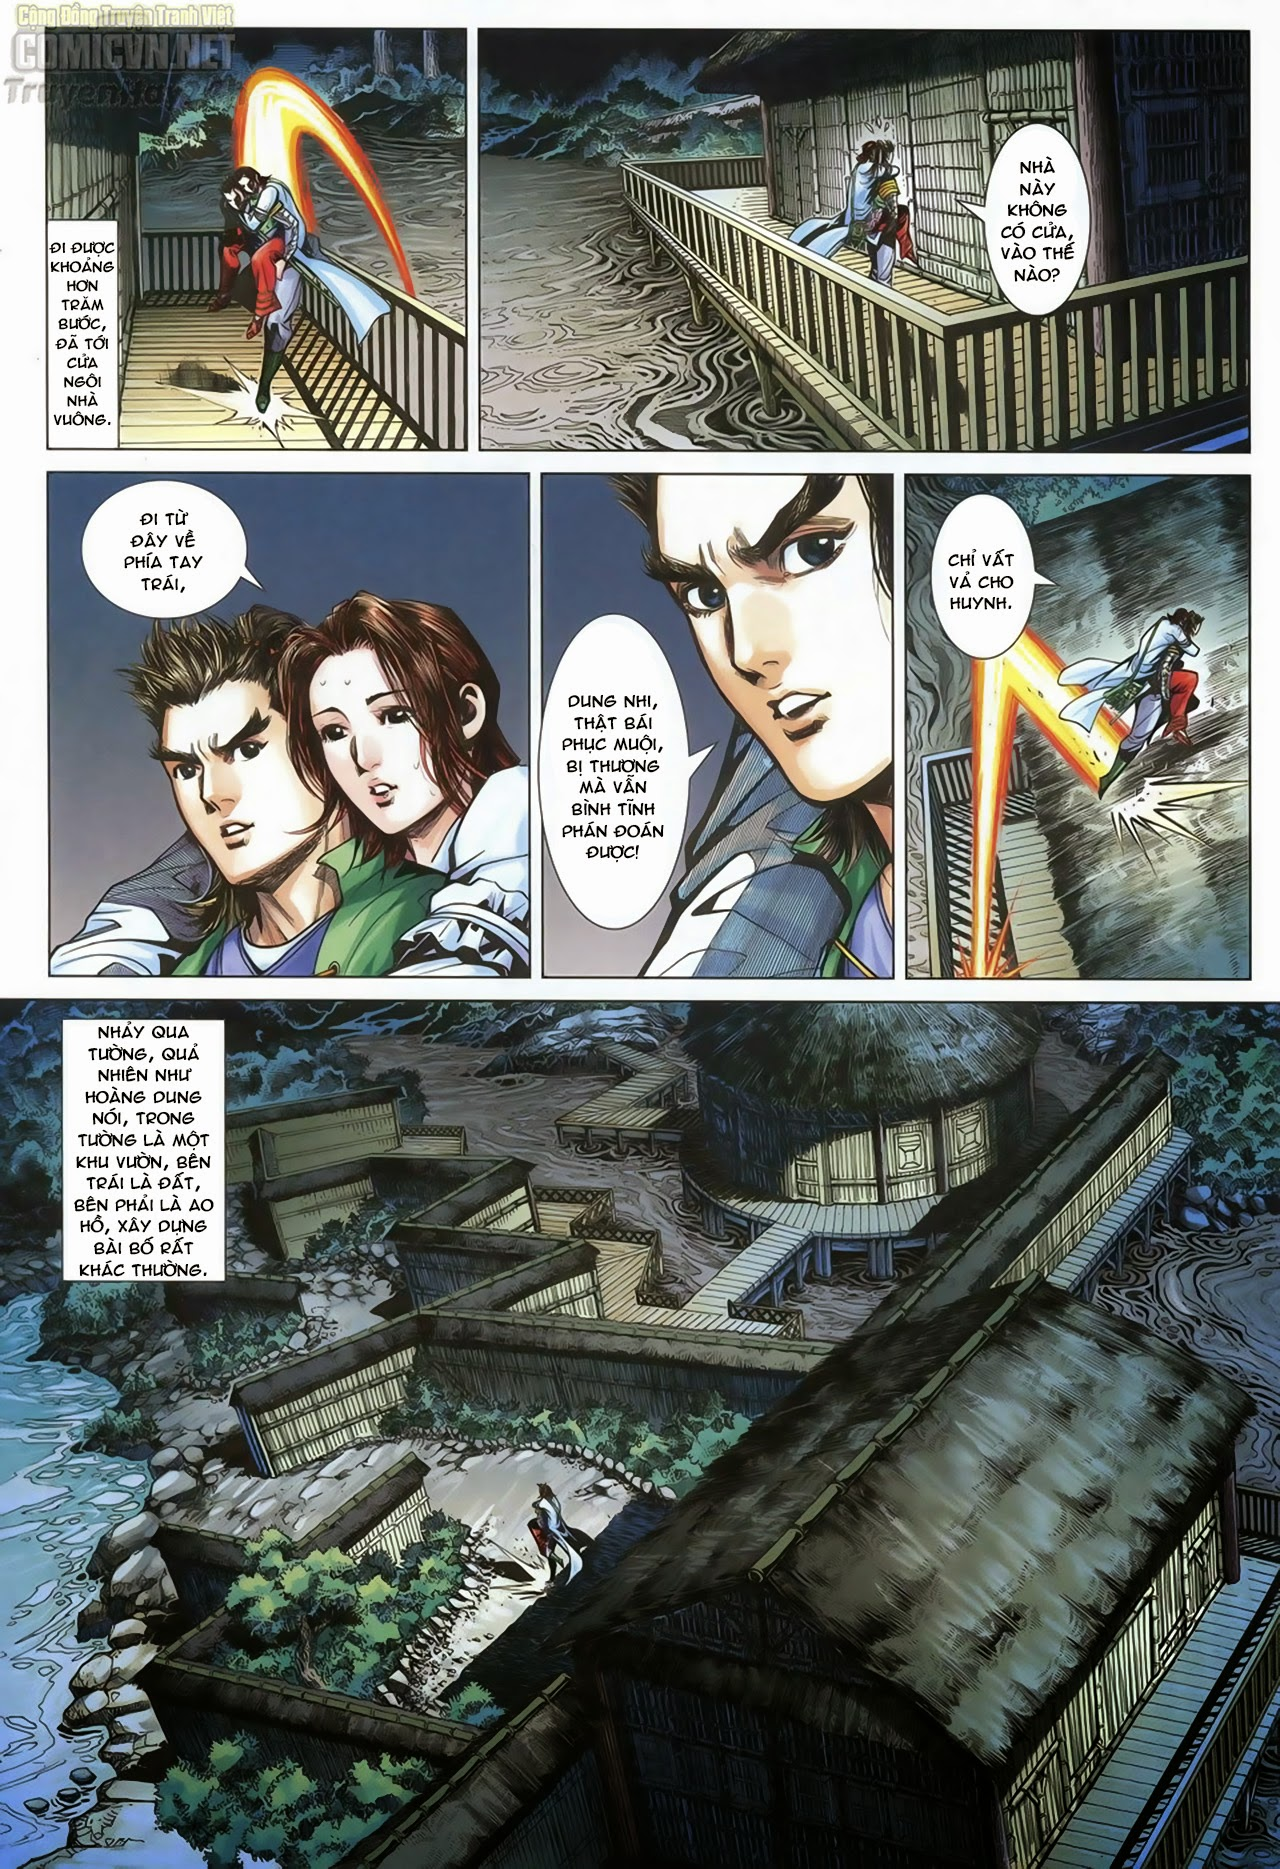 Anh Hùng Xạ Điêu anh hùng xạ đêu chap 70: hắc chiểu ẩn nữ trang 11